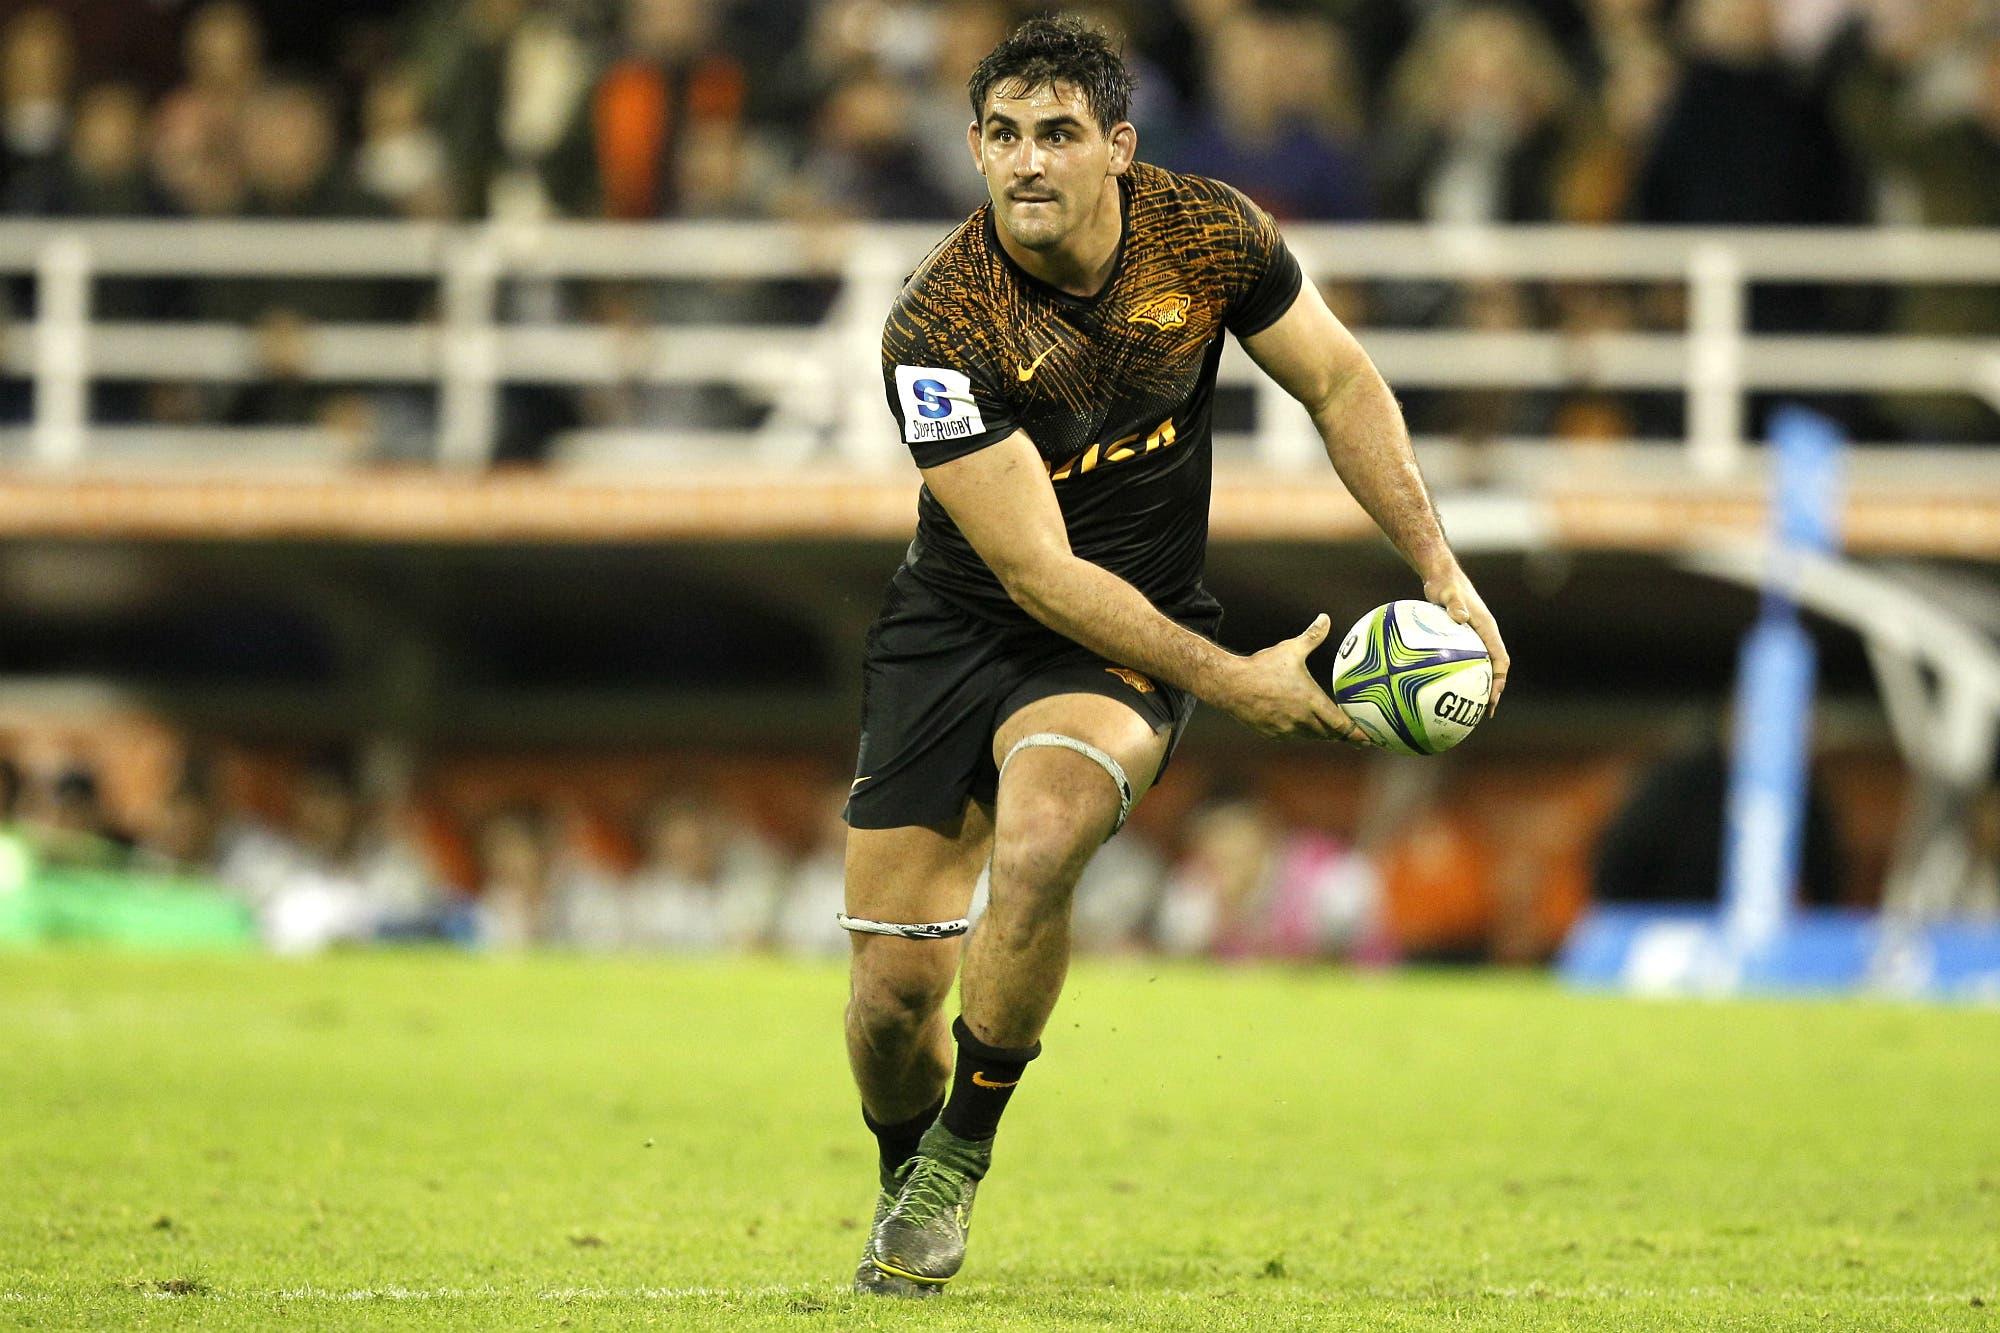 Pura motivación: por qué Jaguares es favorito en la semifinal del Súper Rugby